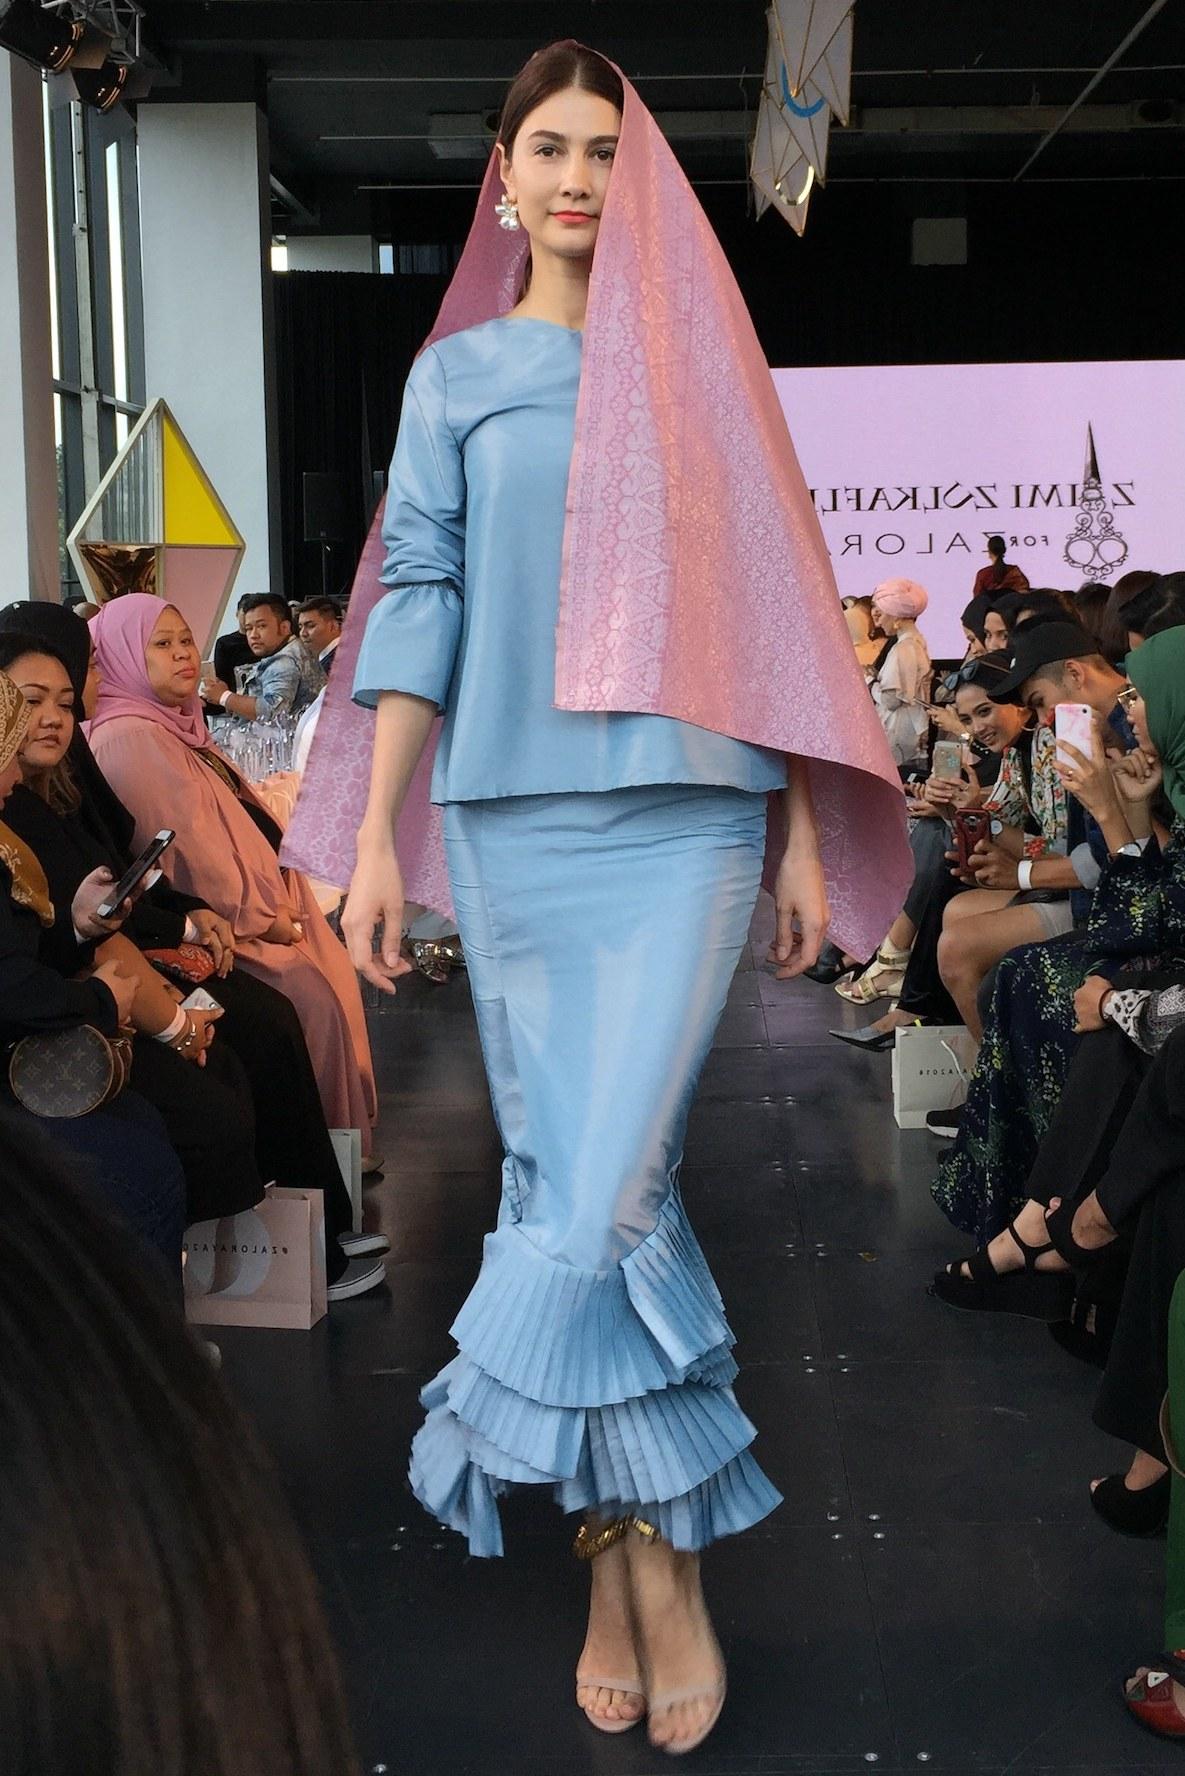 Bentuk Ide Baju Lebaran H9d9 17 Ide Baju Muslim Ini Akan Buat Lebaran Kamu Makin Keren